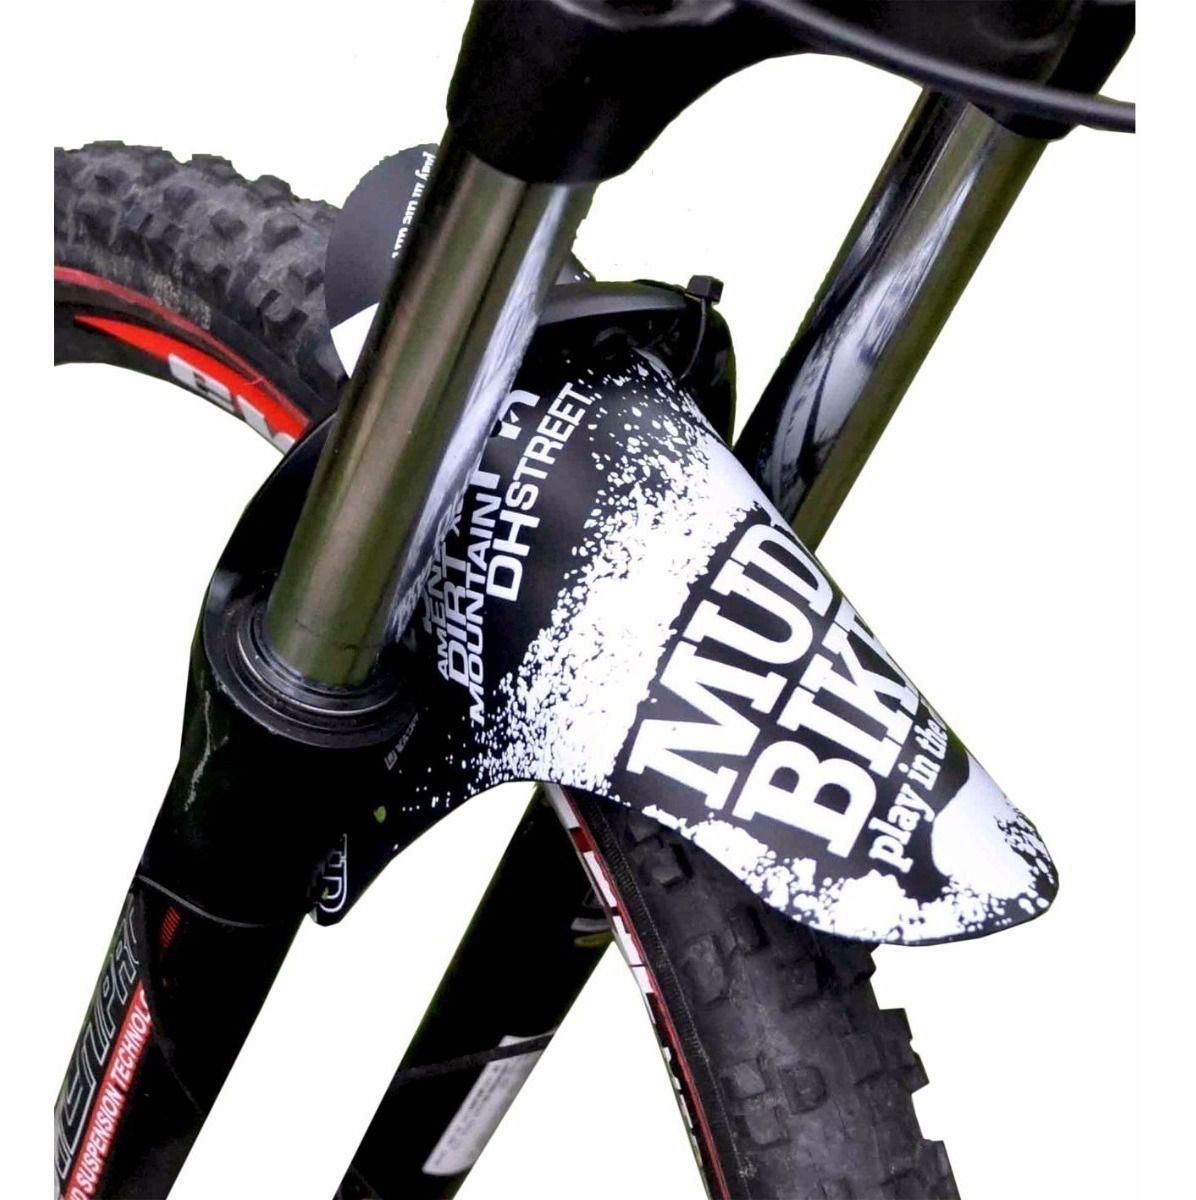 Paralama Bicicleta Dianteiro Mud Bike MTB Enduro DH em Plástico - Várias Cores